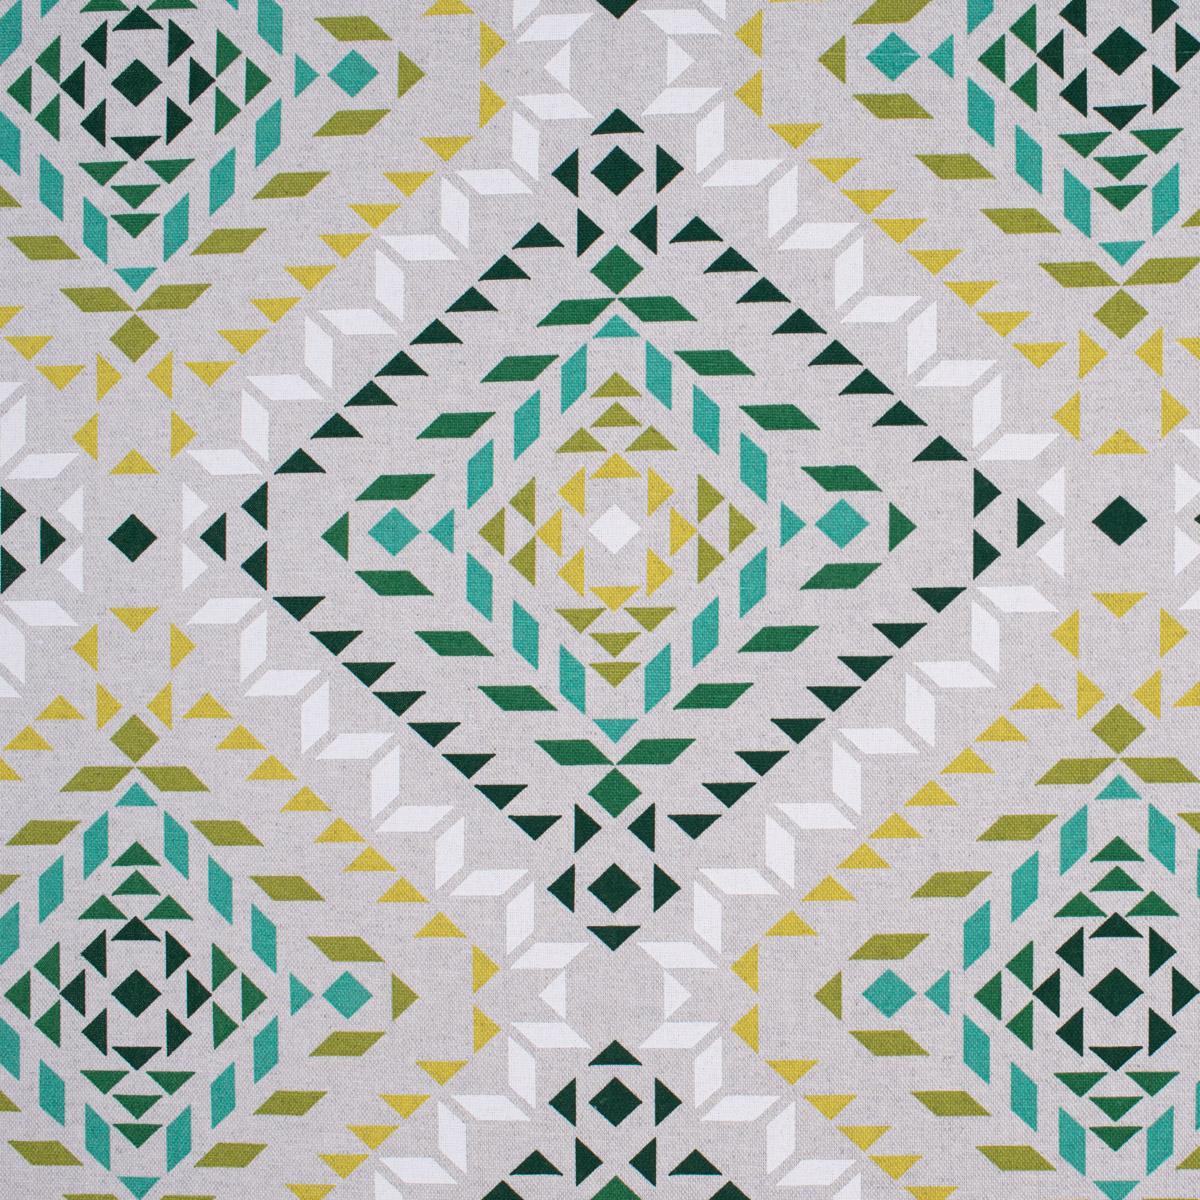 Kissenhülle Dreiecke Vierecke natur weiß grün verschiedene Größen SCHÖNER LEBEN